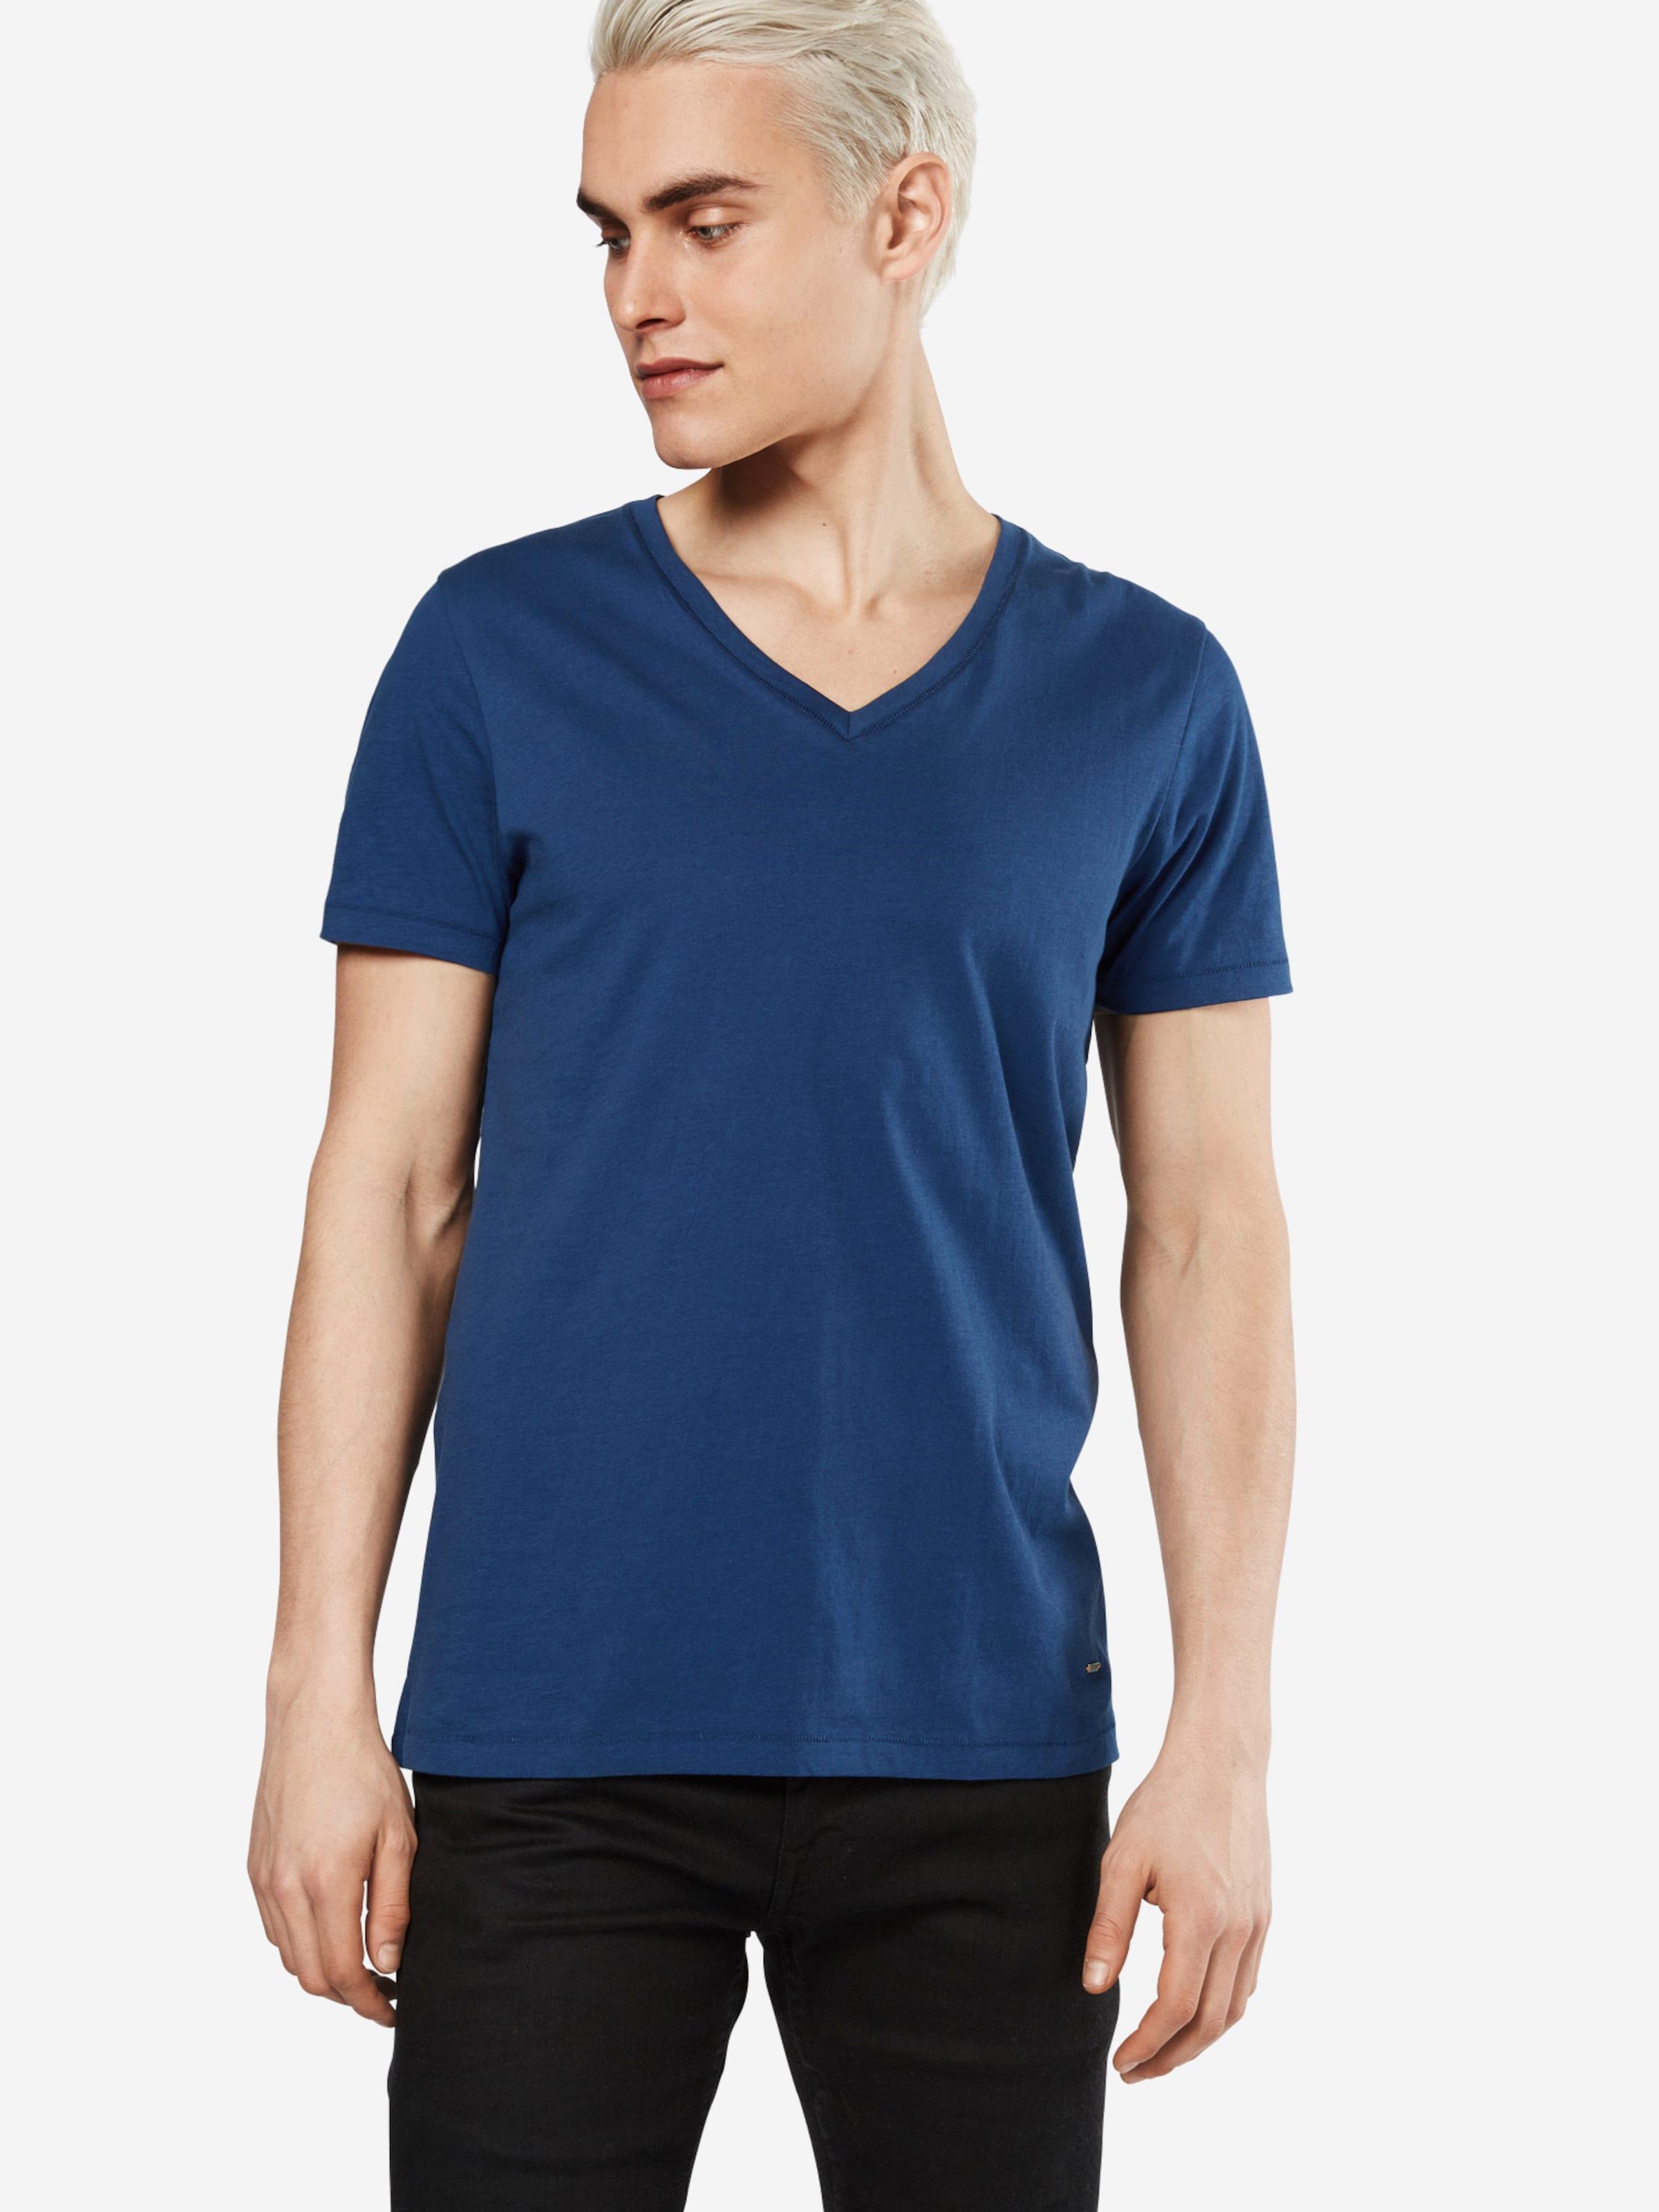 Heißen Verkauf Zum Verkauf Verkauf Besuch Neu BOSS Basic-Shirt 'Tway' RVK6U6tZo